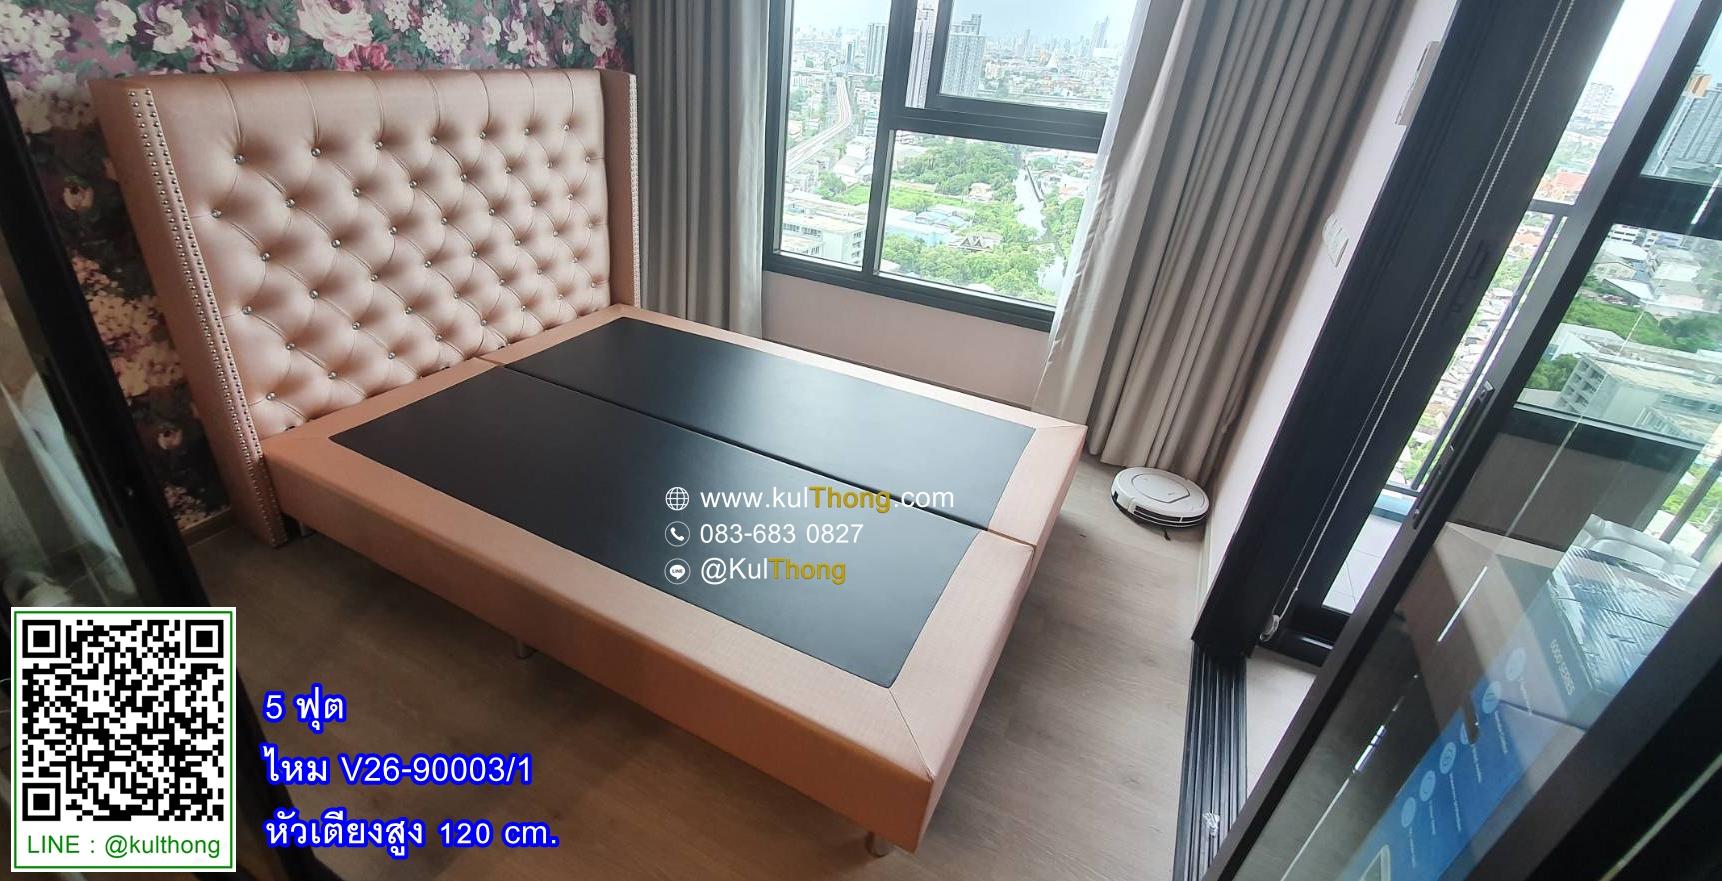 หัวเตียงสวยๆ แผ่นหัวเตียง หัวเตียงไม้